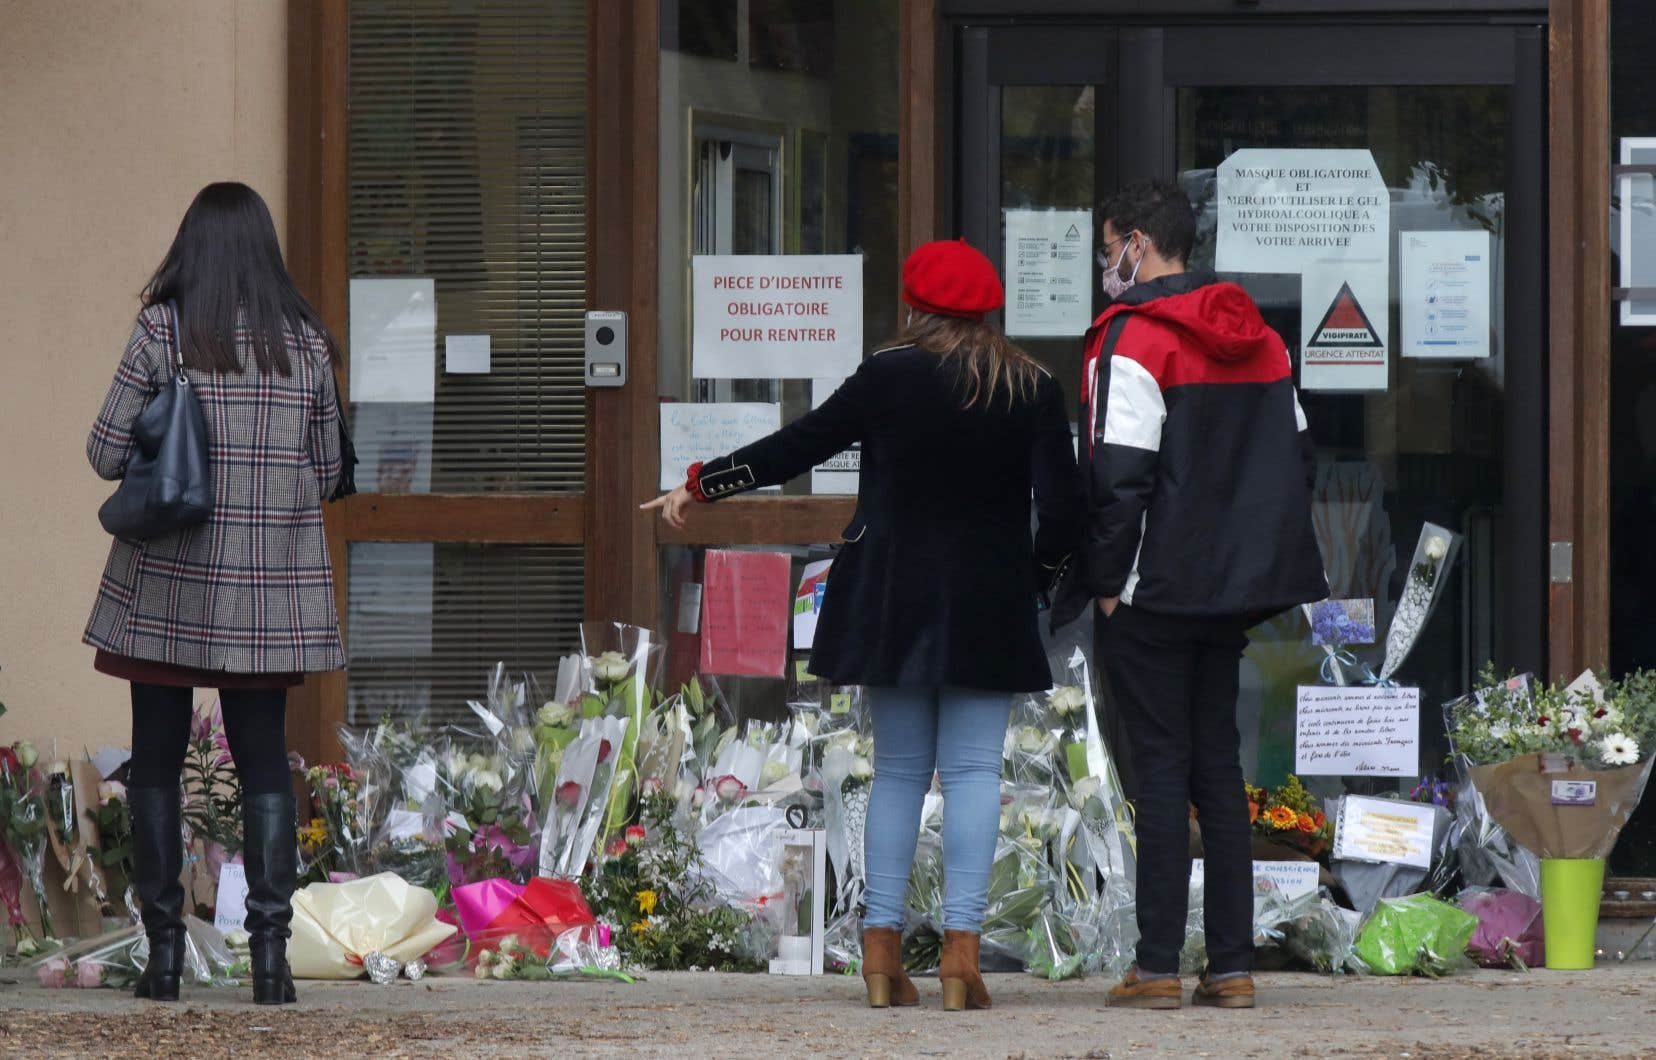 Le hommages à l'école de Conflans-Sainte-Honorine où enseignait Samuel Paty fusaient, samedi, de nombreux passants étant venus déposer des gerbes de fleurs à l'entrée.